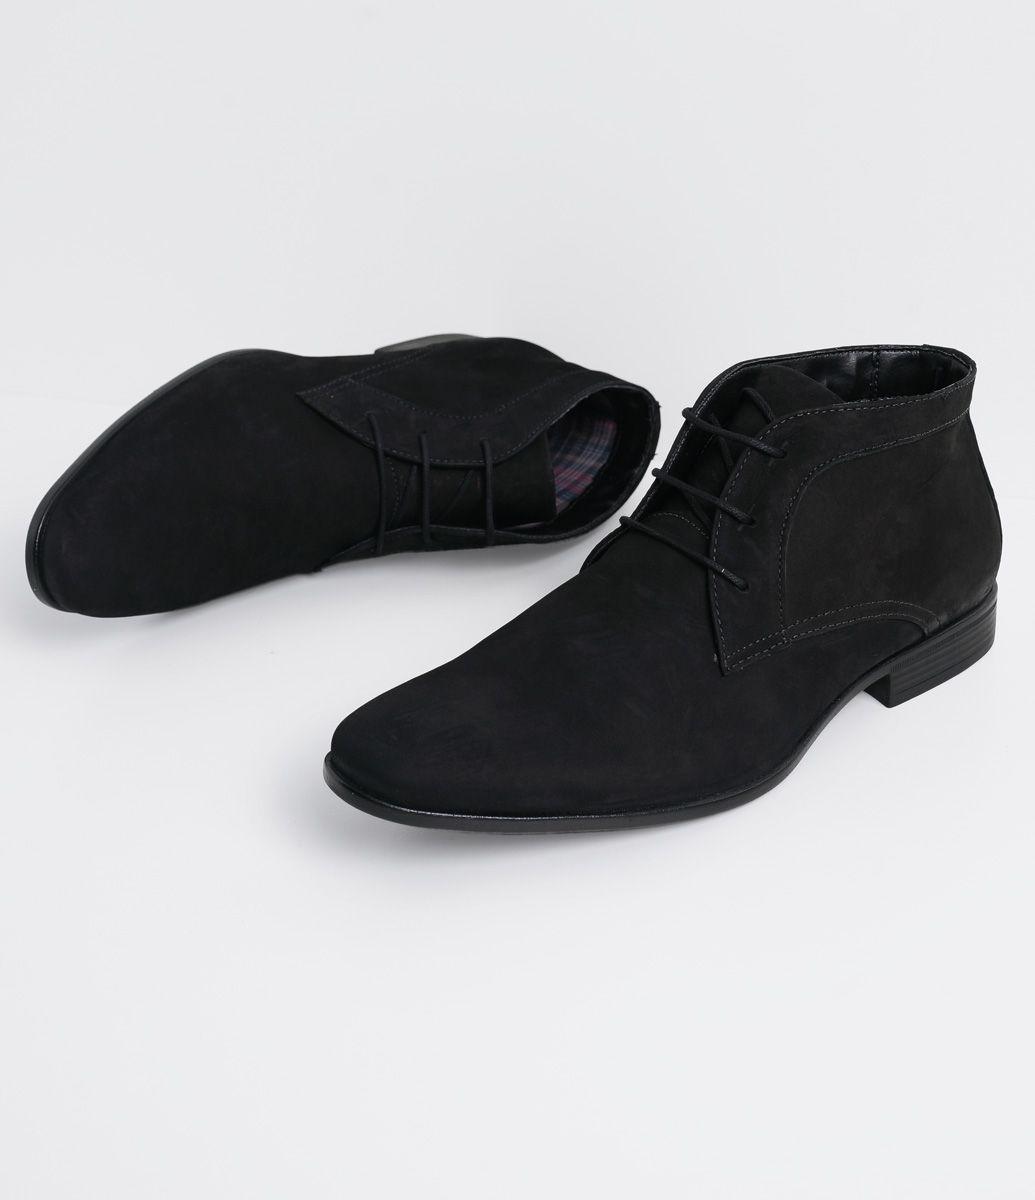 fc6878d604 Bota masculina Material: Camurça Biqueira diferenciada Marca: Satinato  Genuine COLEÇÃO INVERNO 2016 Veja mais opções de botas masculinas.